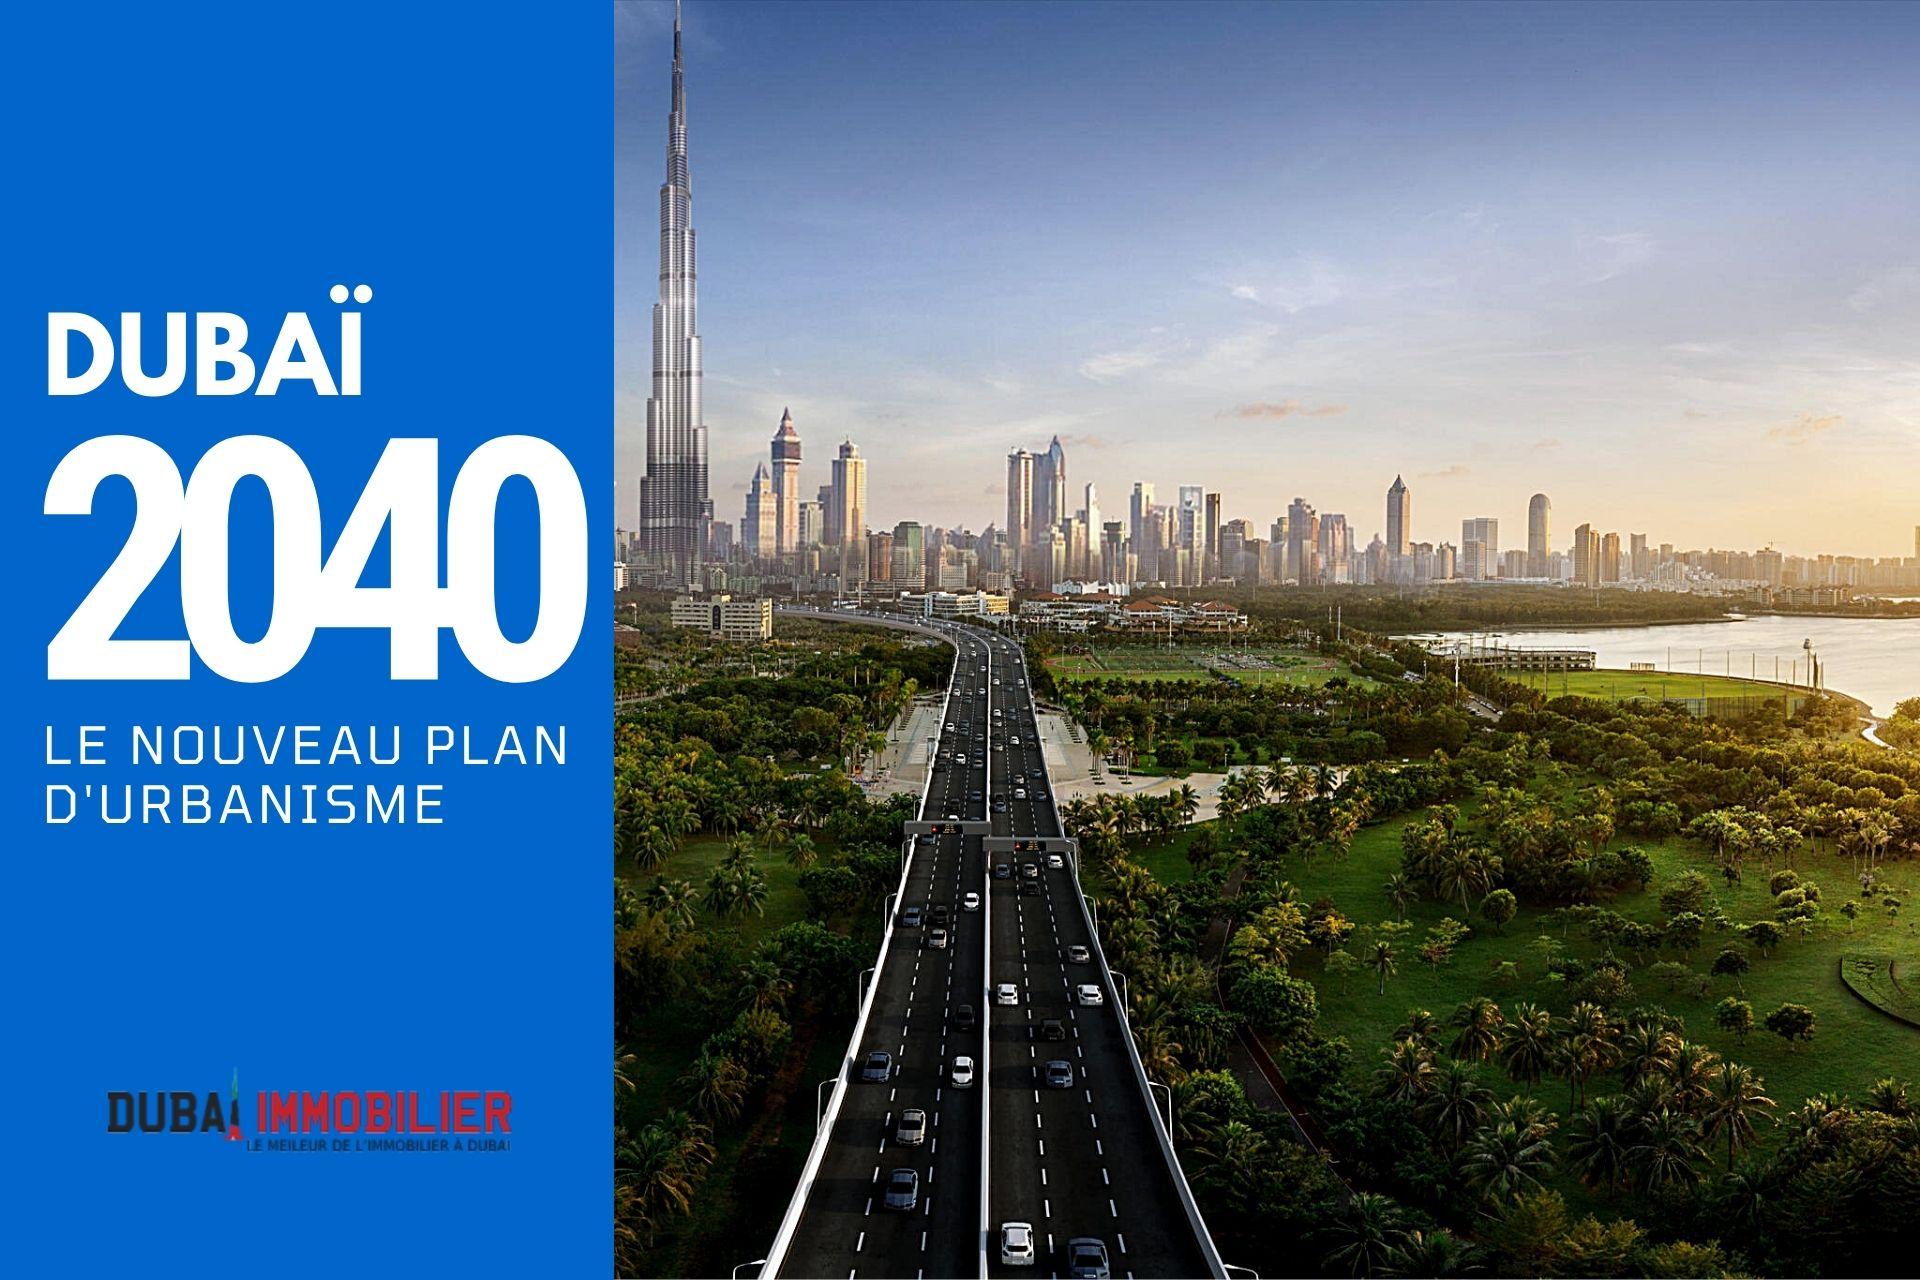 Plan d'urbanisme de Dubaï : À quoi ressemblera Dubaï en 2040 ?